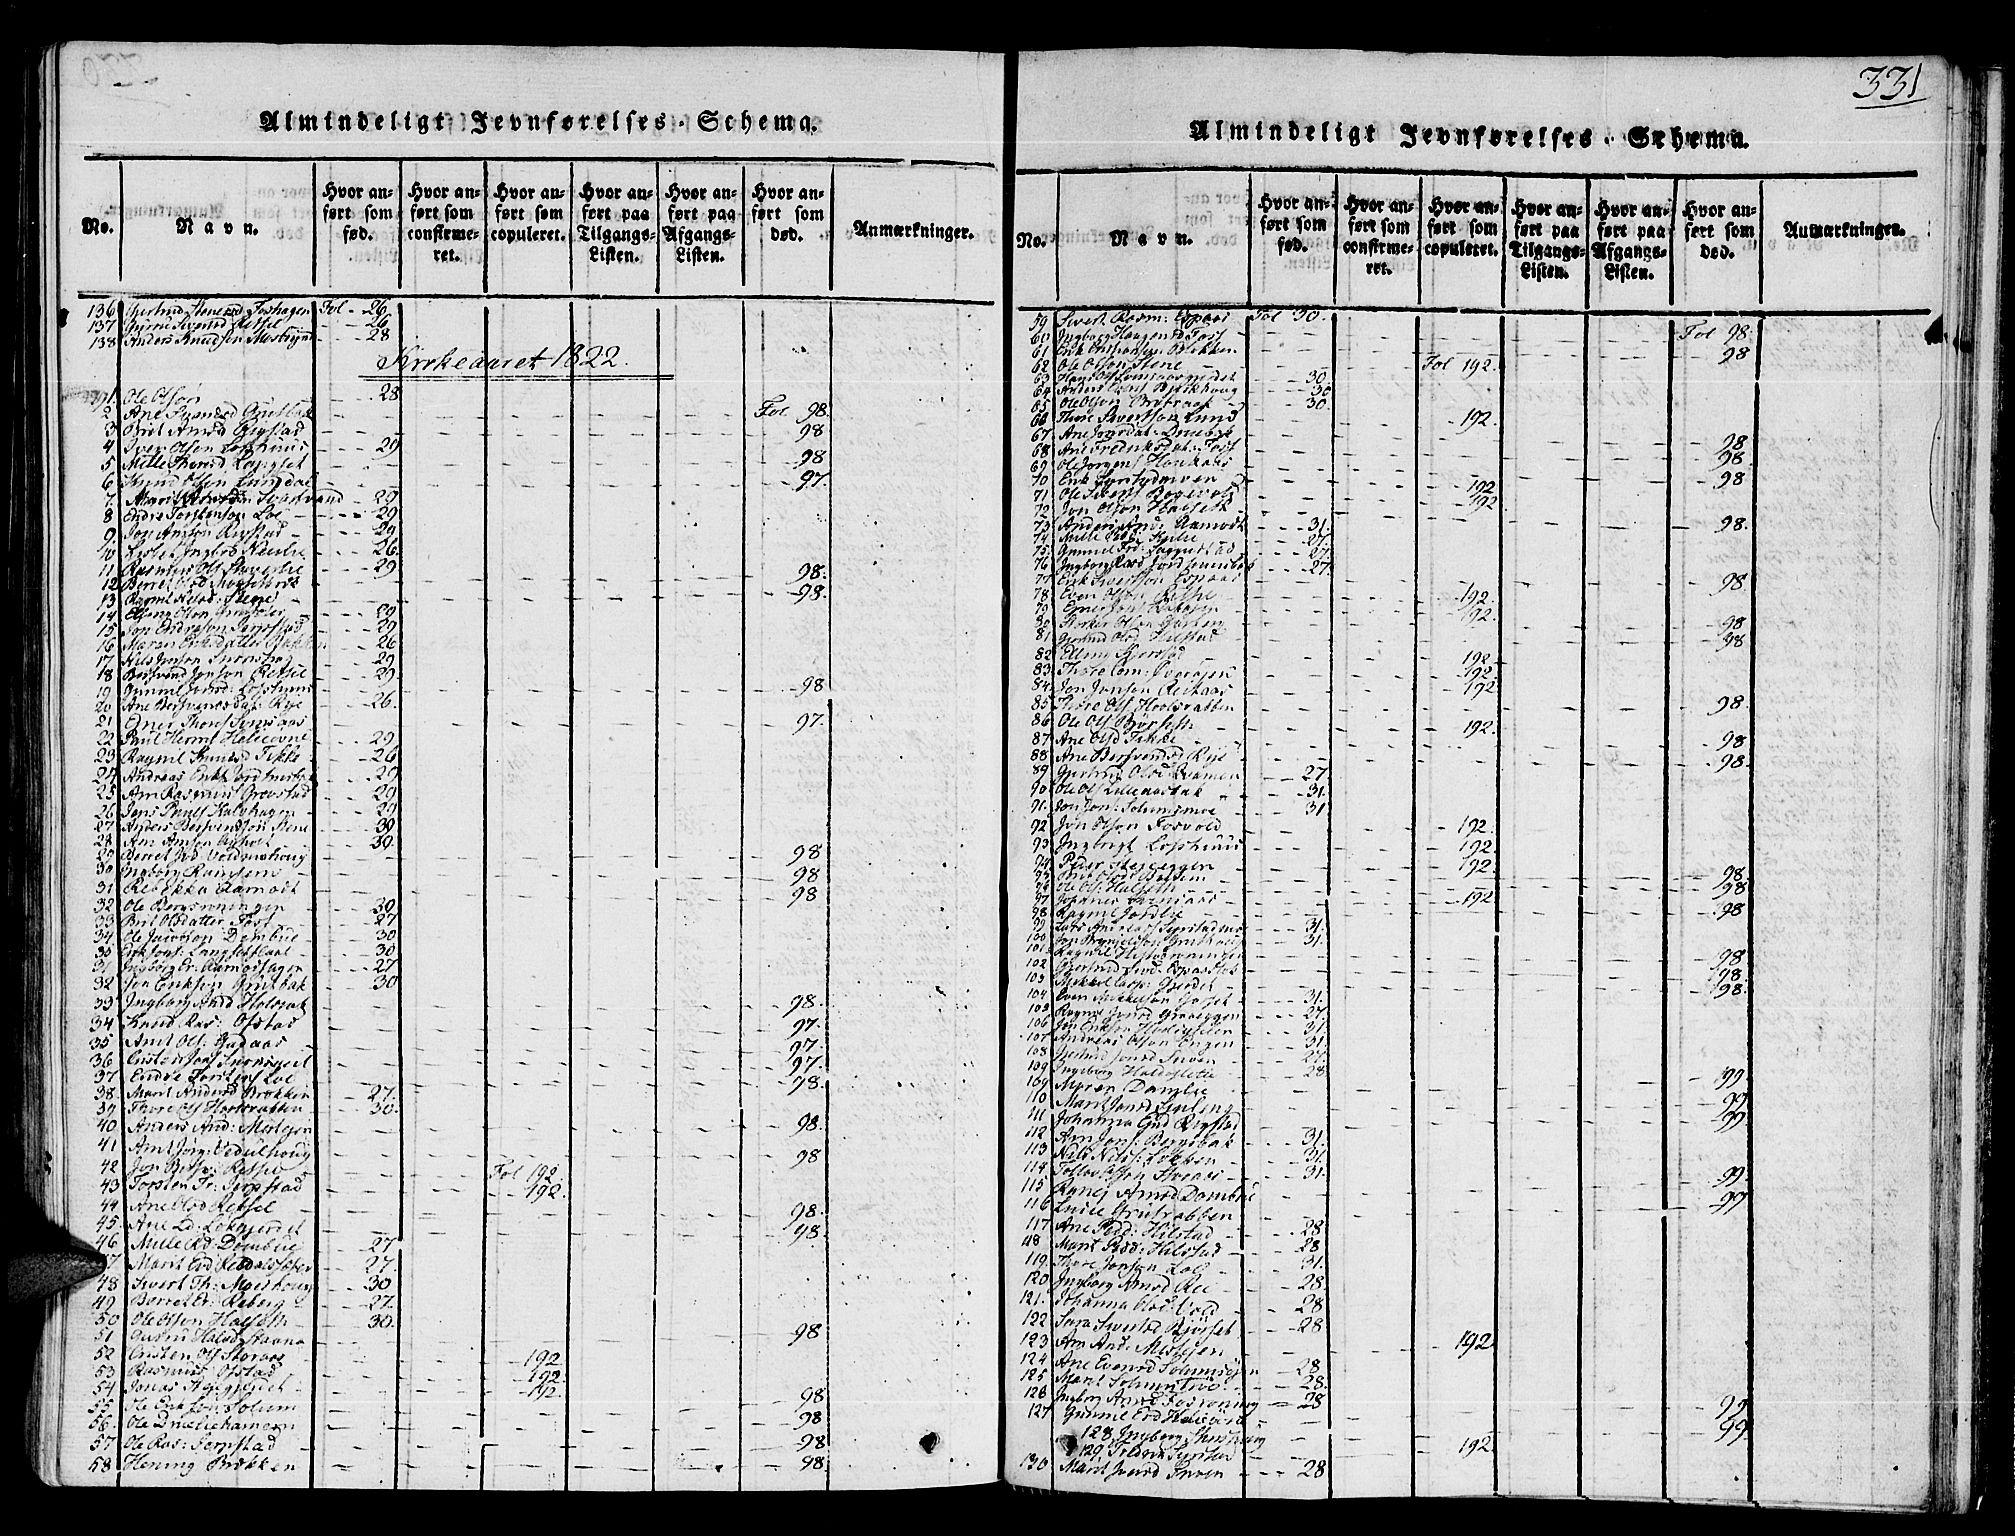 SAT, Ministerialprotokoller, klokkerbøker og fødselsregistre - Sør-Trøndelag, 672/L0853: Ministerialbok nr. 672A06 /1, 1816-1829, s. 331